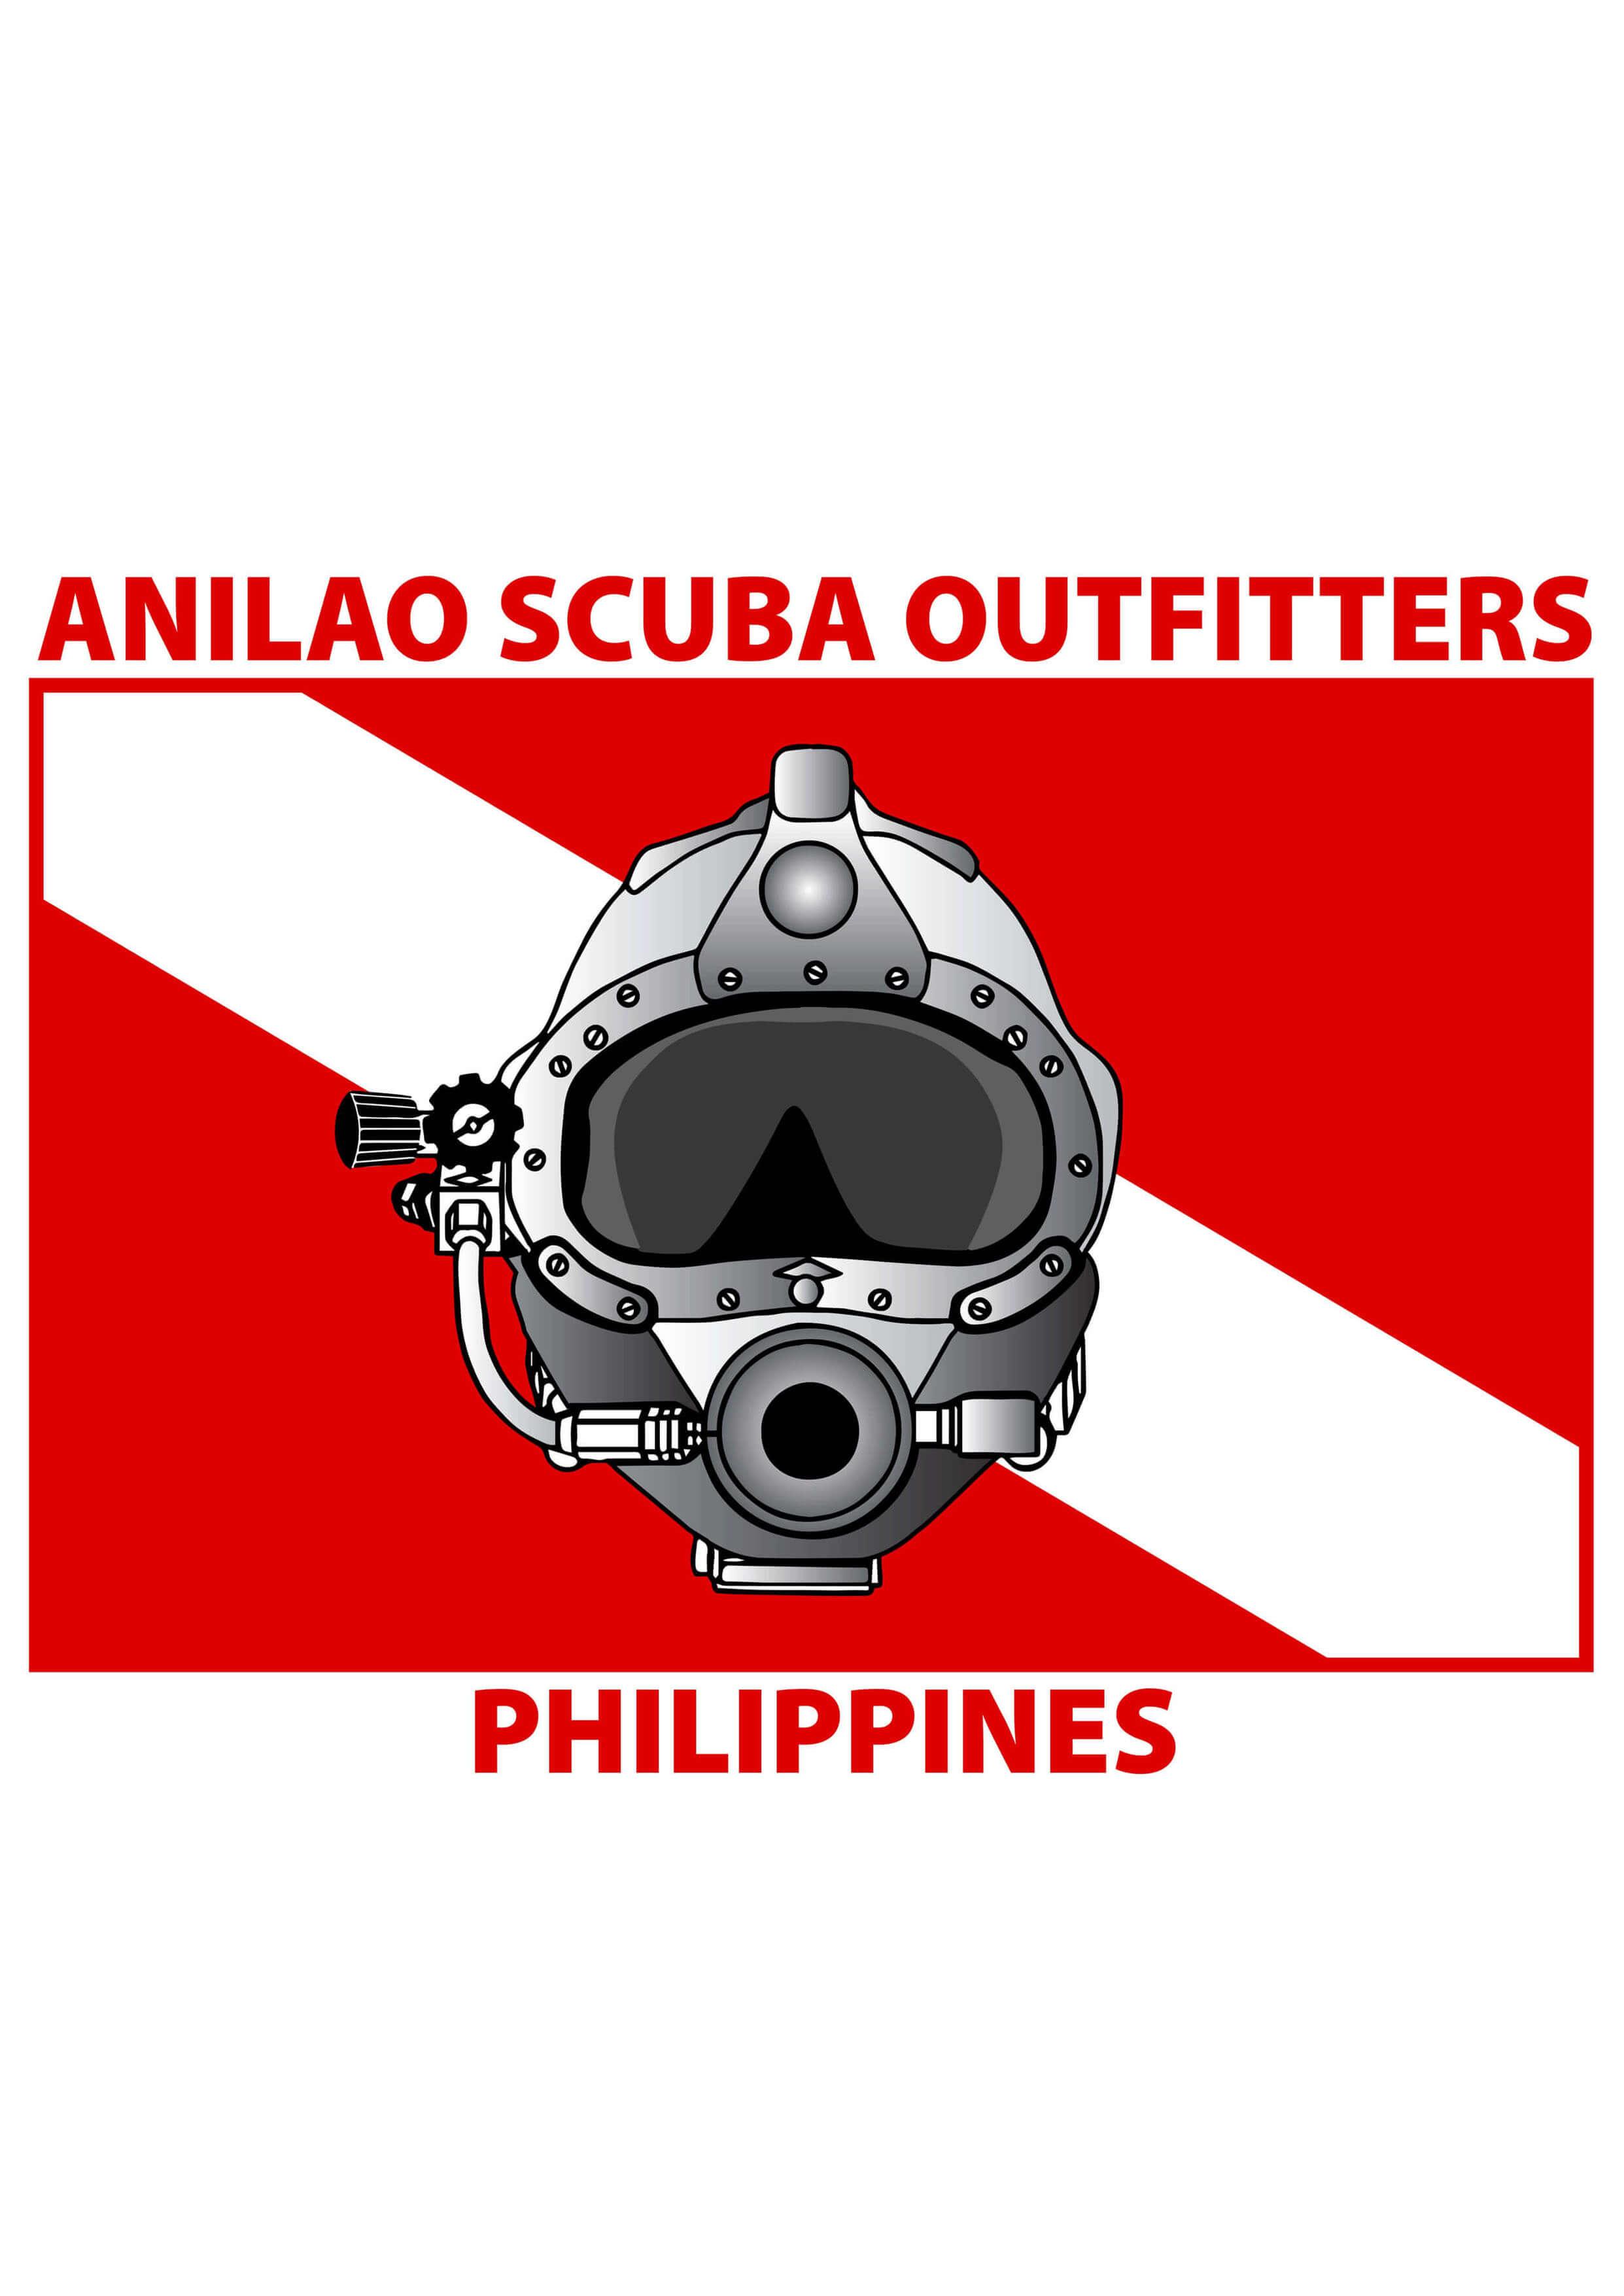 Anilao Scuba Outfitters